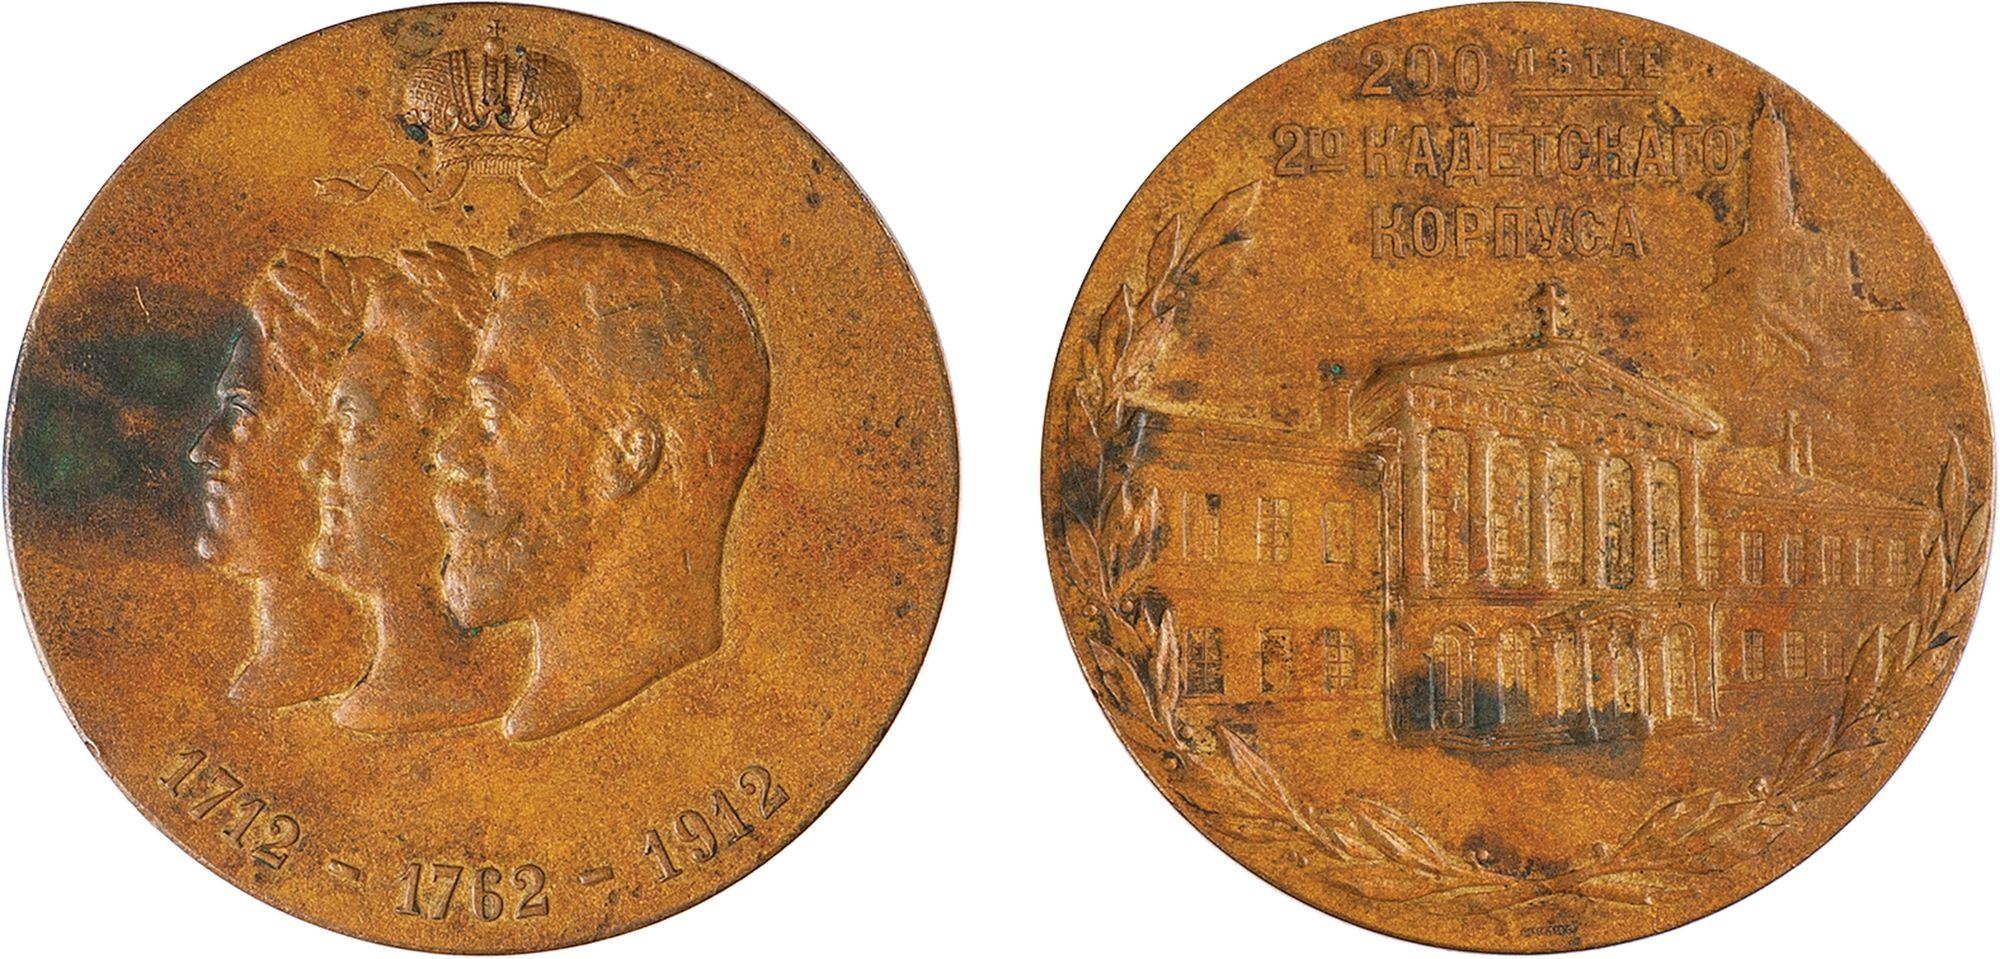 Настольная медаль «В память 200-летнего юбилея 2-го Кадетского корпуса в Санкт-Петербурге». 1912